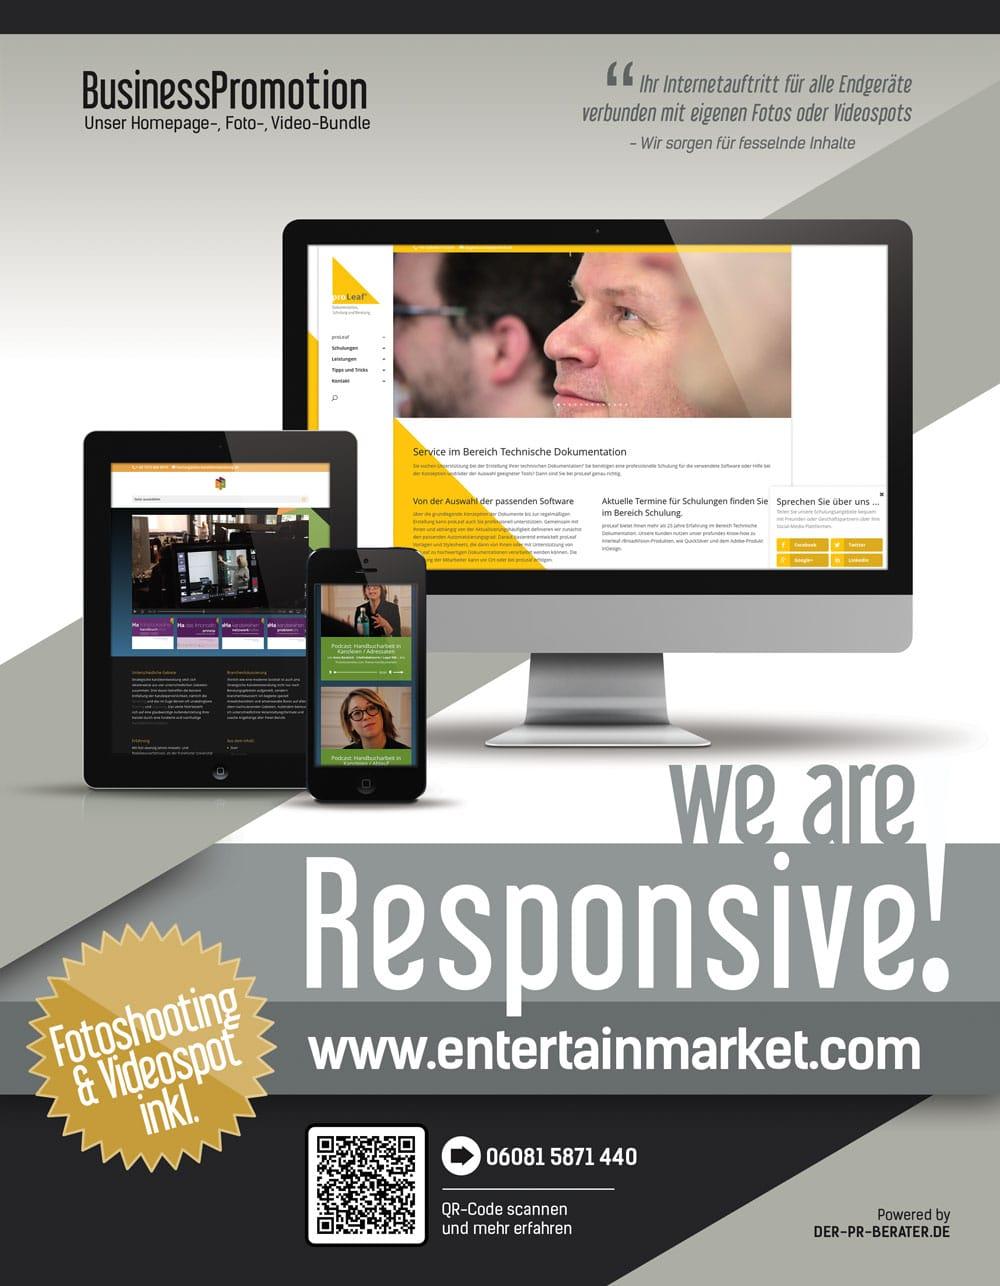 Professionelles Fotoshooting und Videoproduktionen bringen Bewegung ins Internet. Neues Business Bundle für Unternehmen inkl. responsive Homepage.